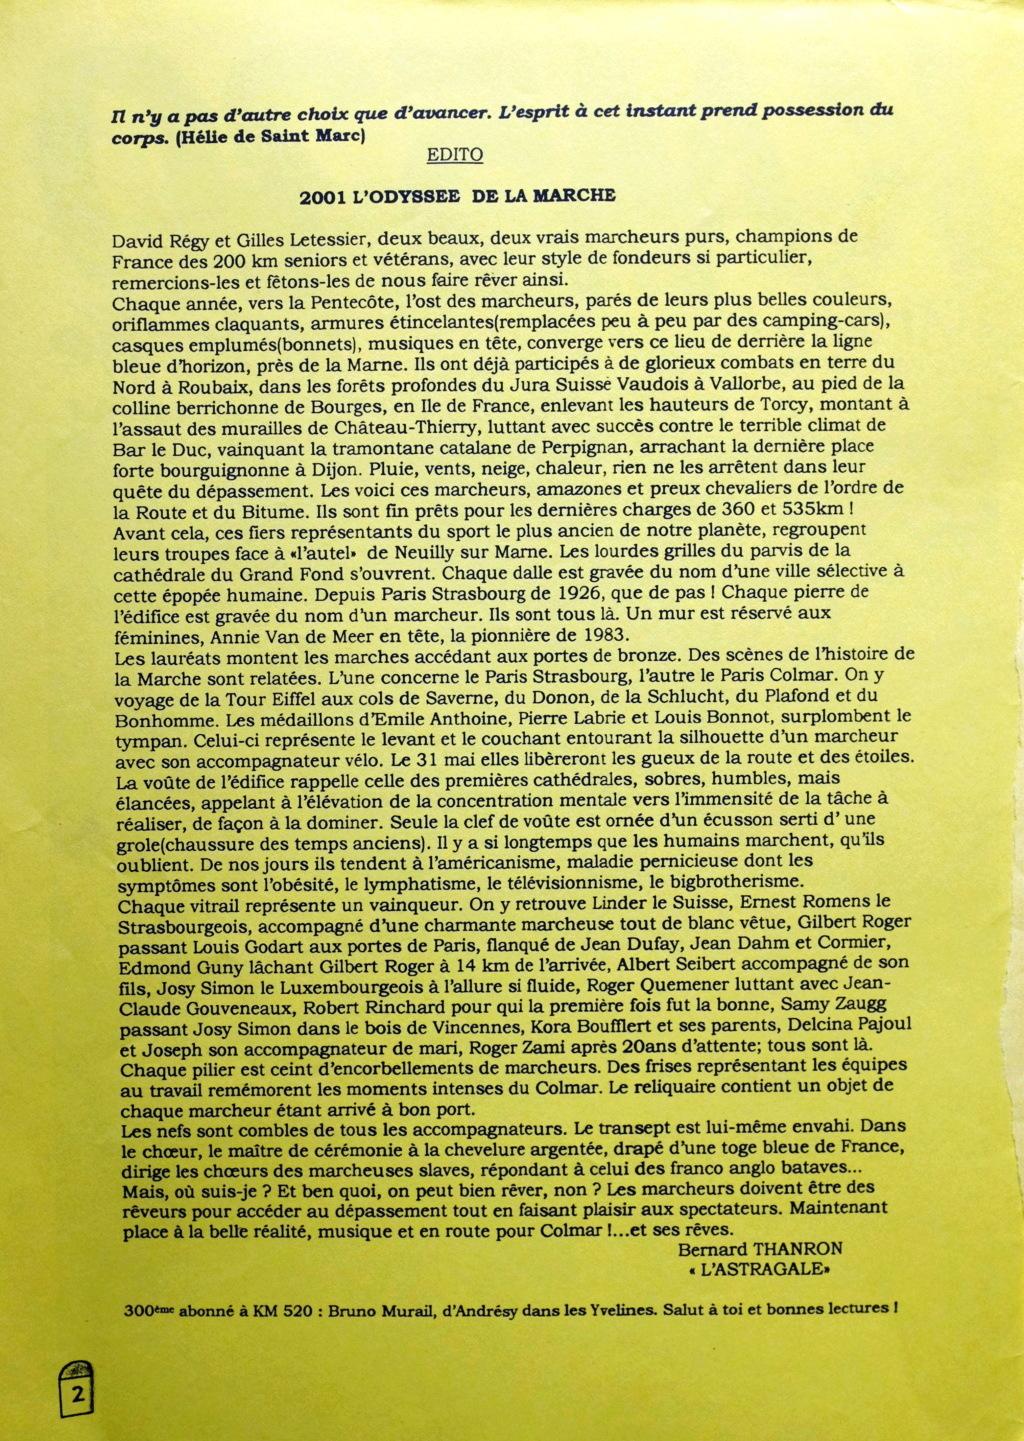 Le KM520 et ses éditos 1998-2009 - Page 2 Dscf5010